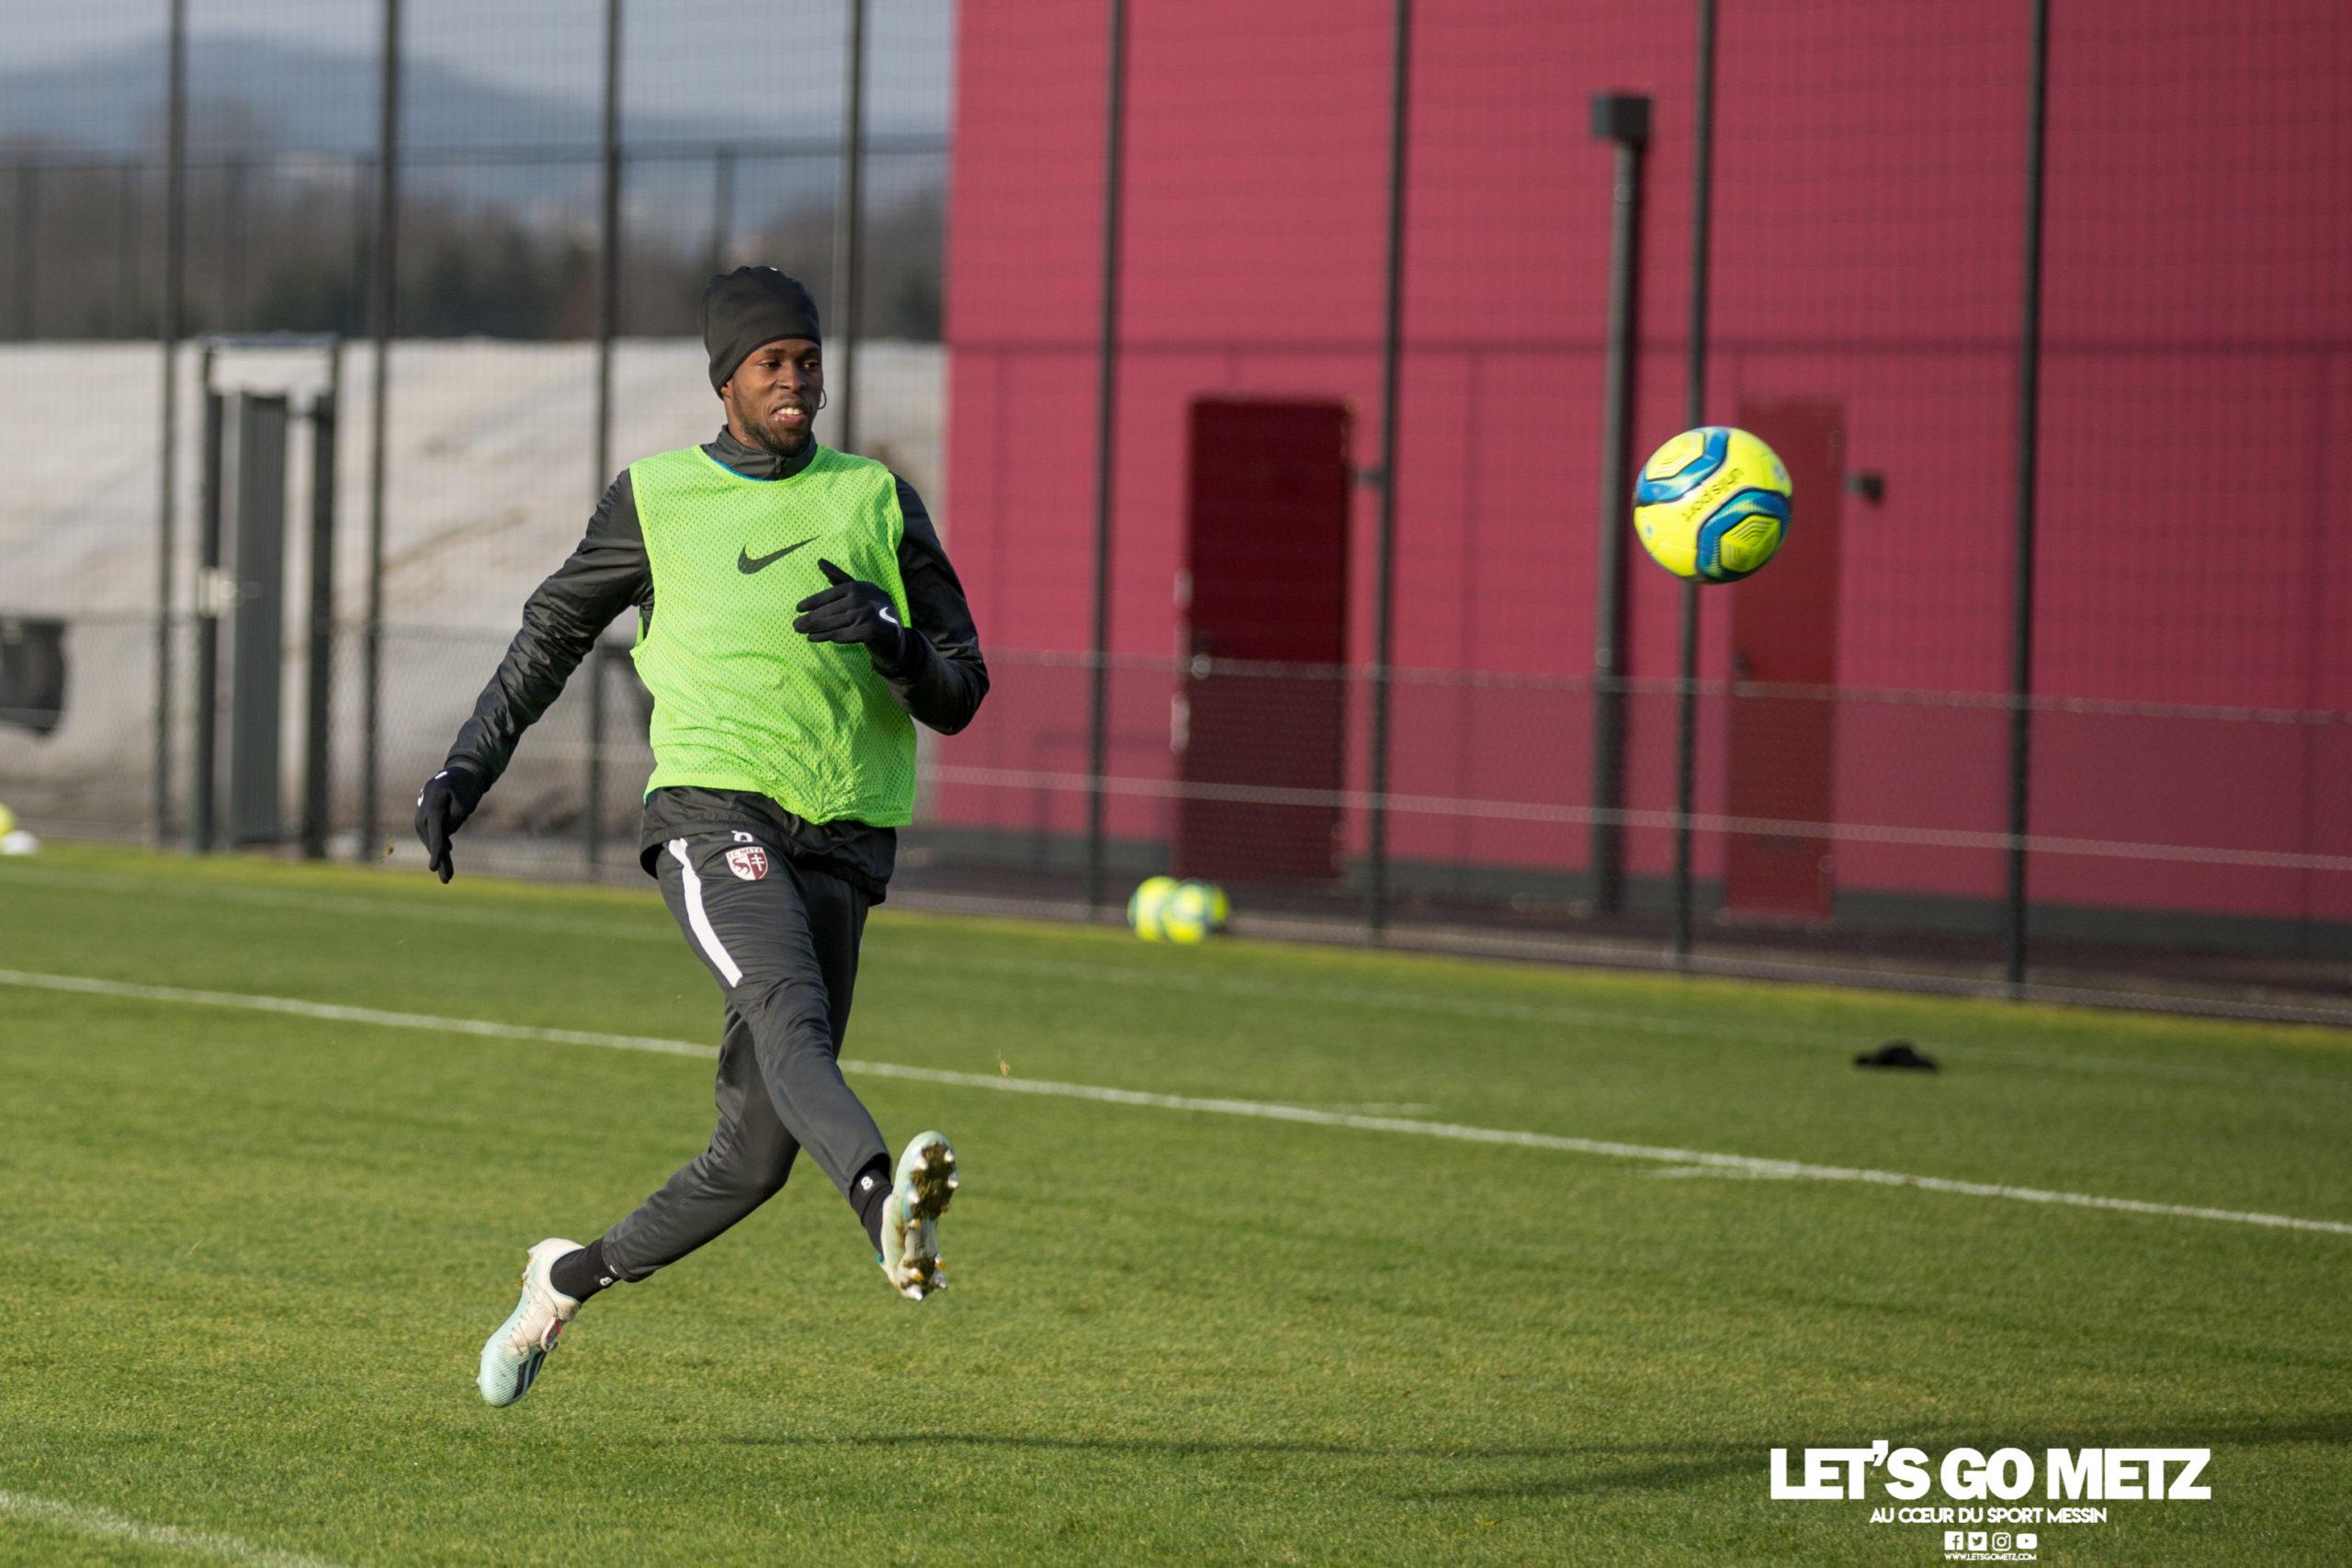 Entrainement FC Metz – 04012020 (25)boubacar_Traoré